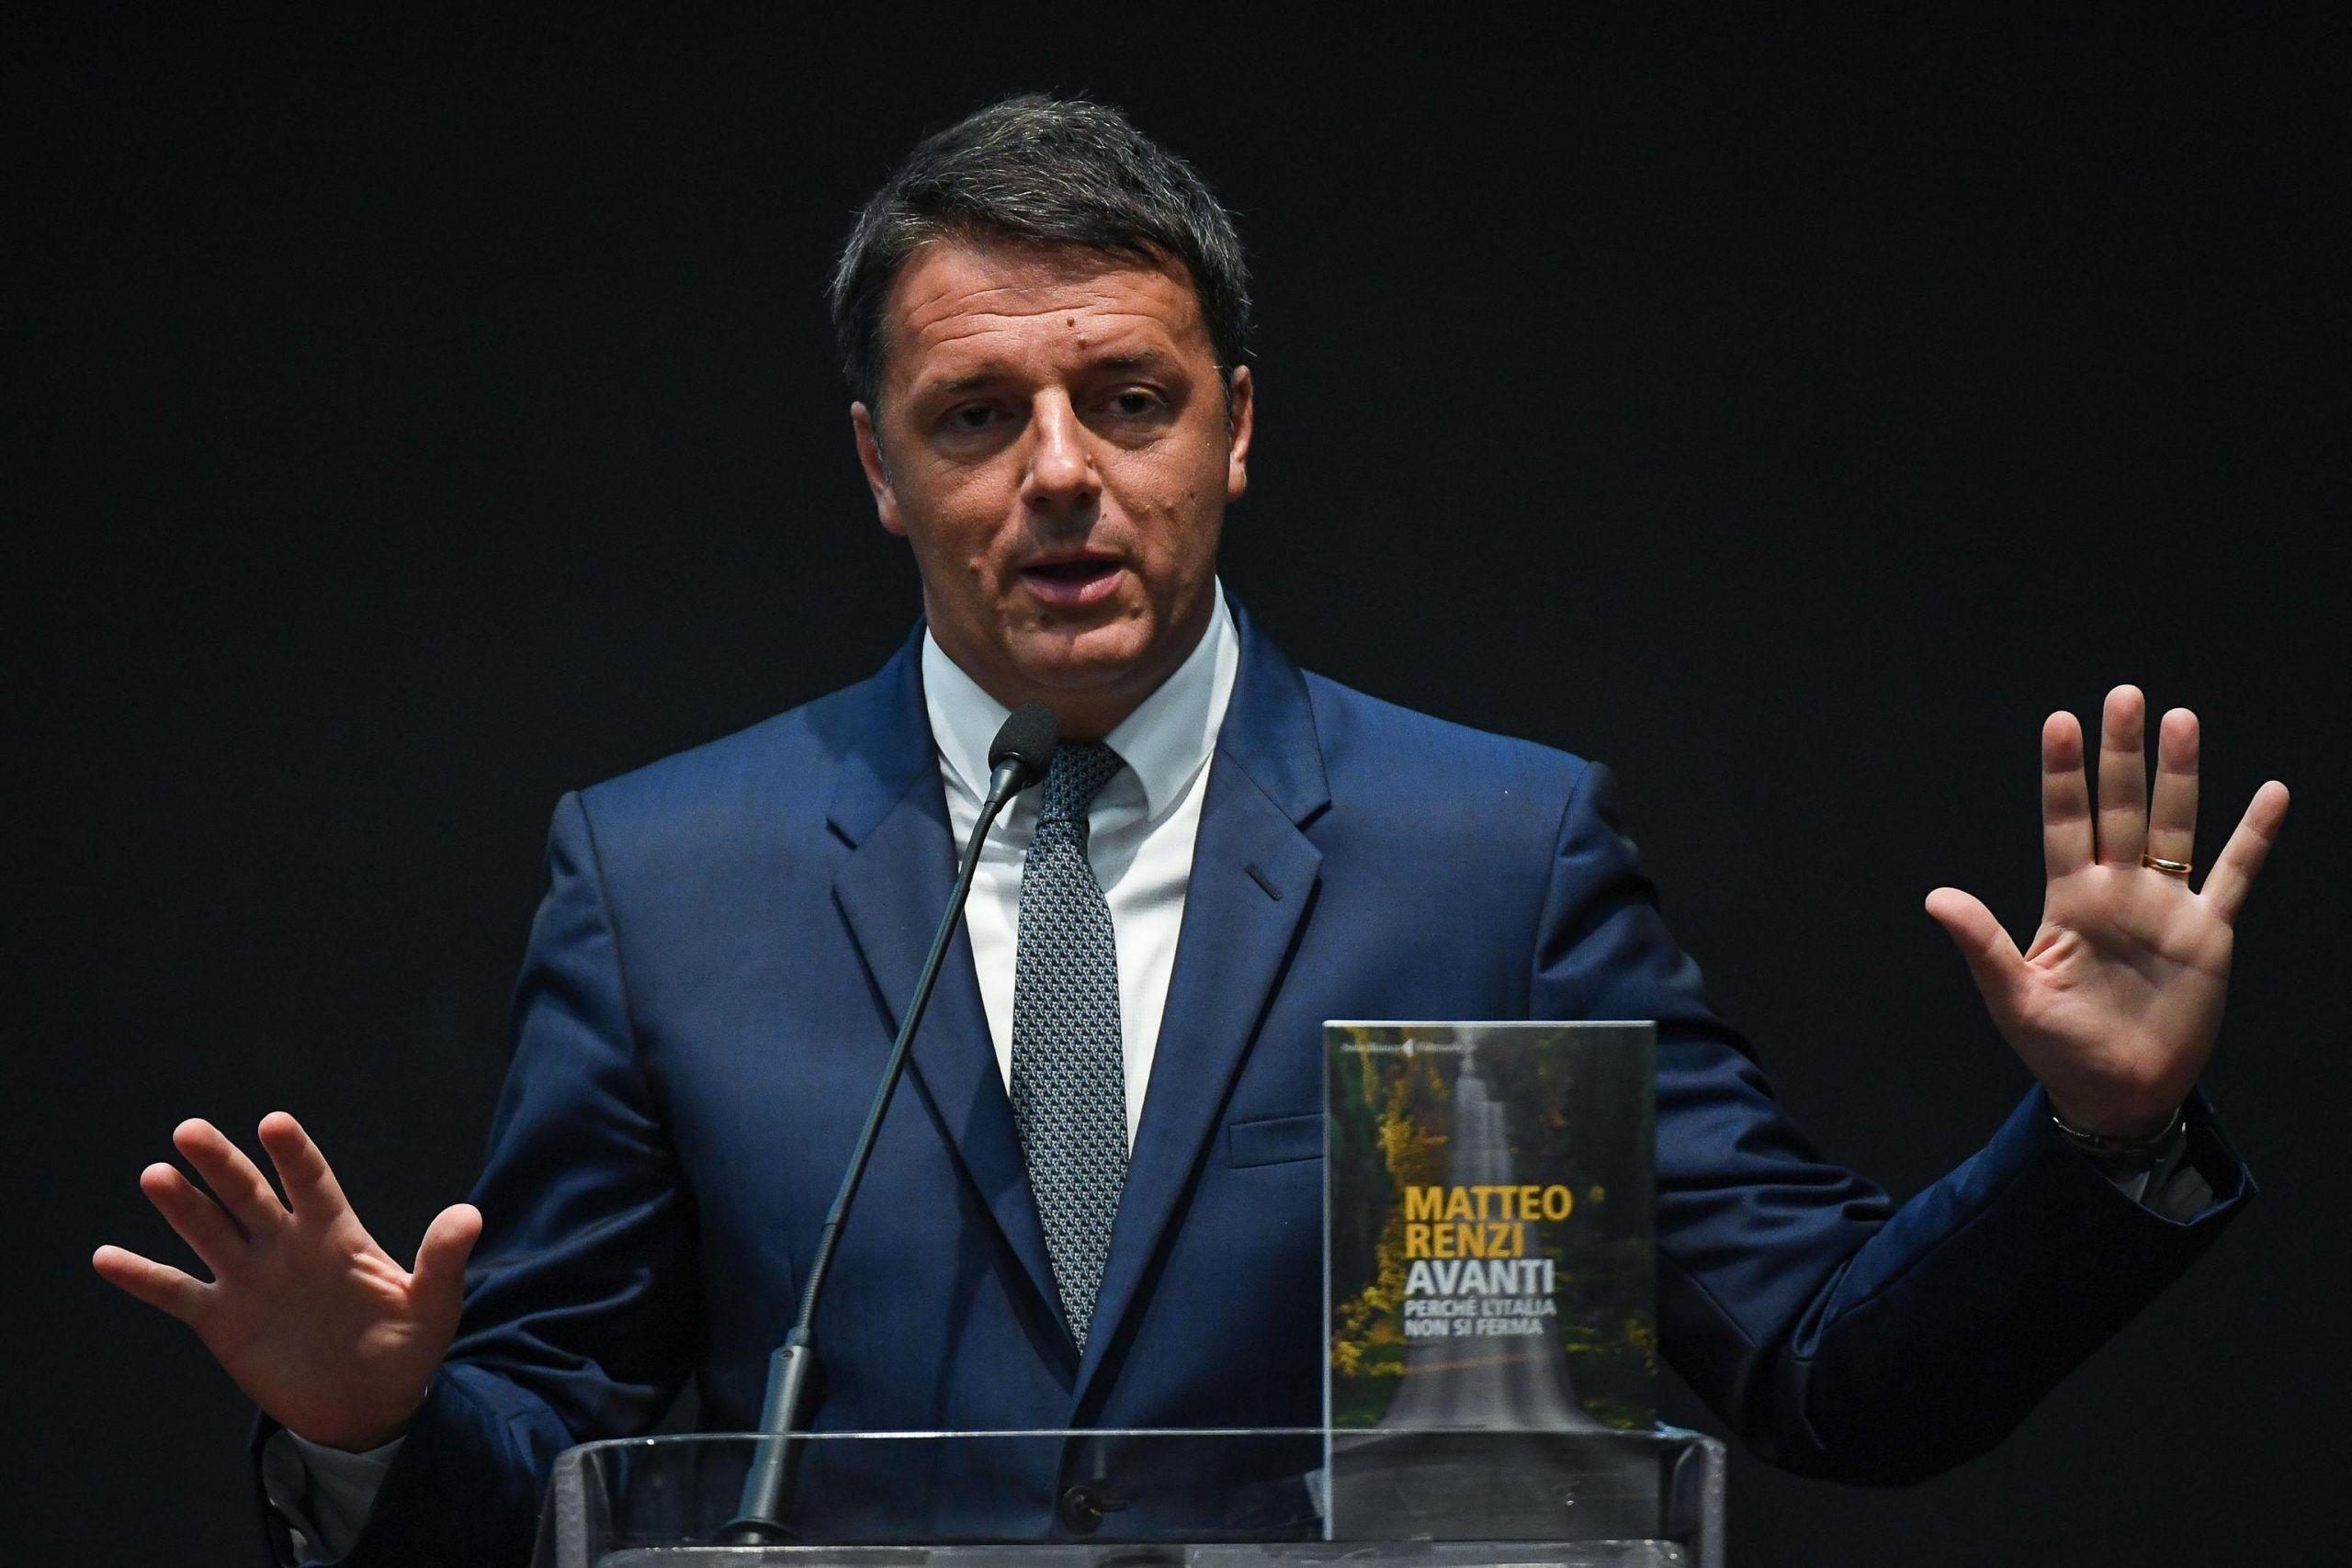 ++ Renzi, non c'è e non ci sarà divisione Pd governo ++